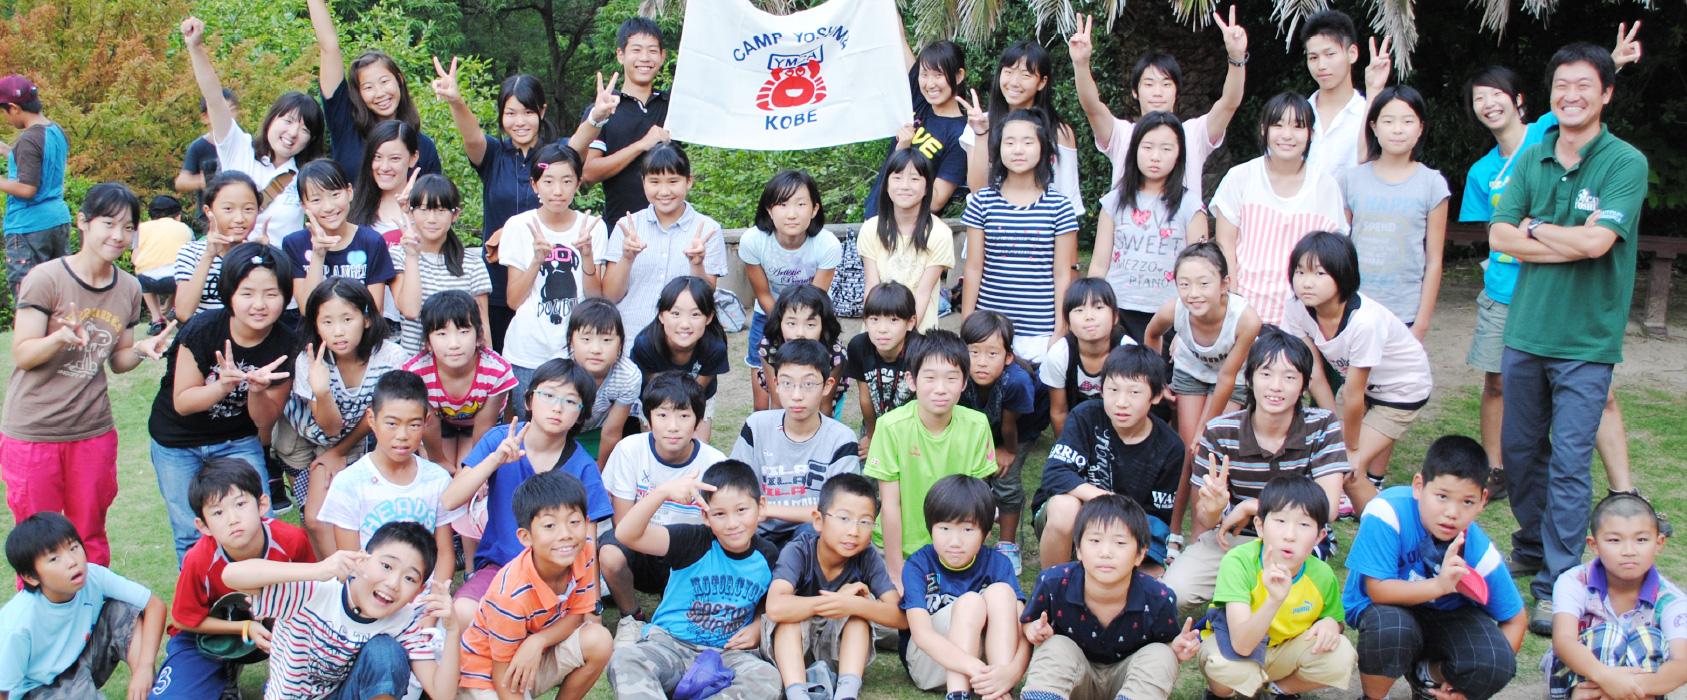 """Partner 2013本当に多くの出会いがありました。キャンプに集った子どもたちが余島から巣立ち、社会へと飛び立っていきました。私たちはいつまでも"""" Partner """" です。"""